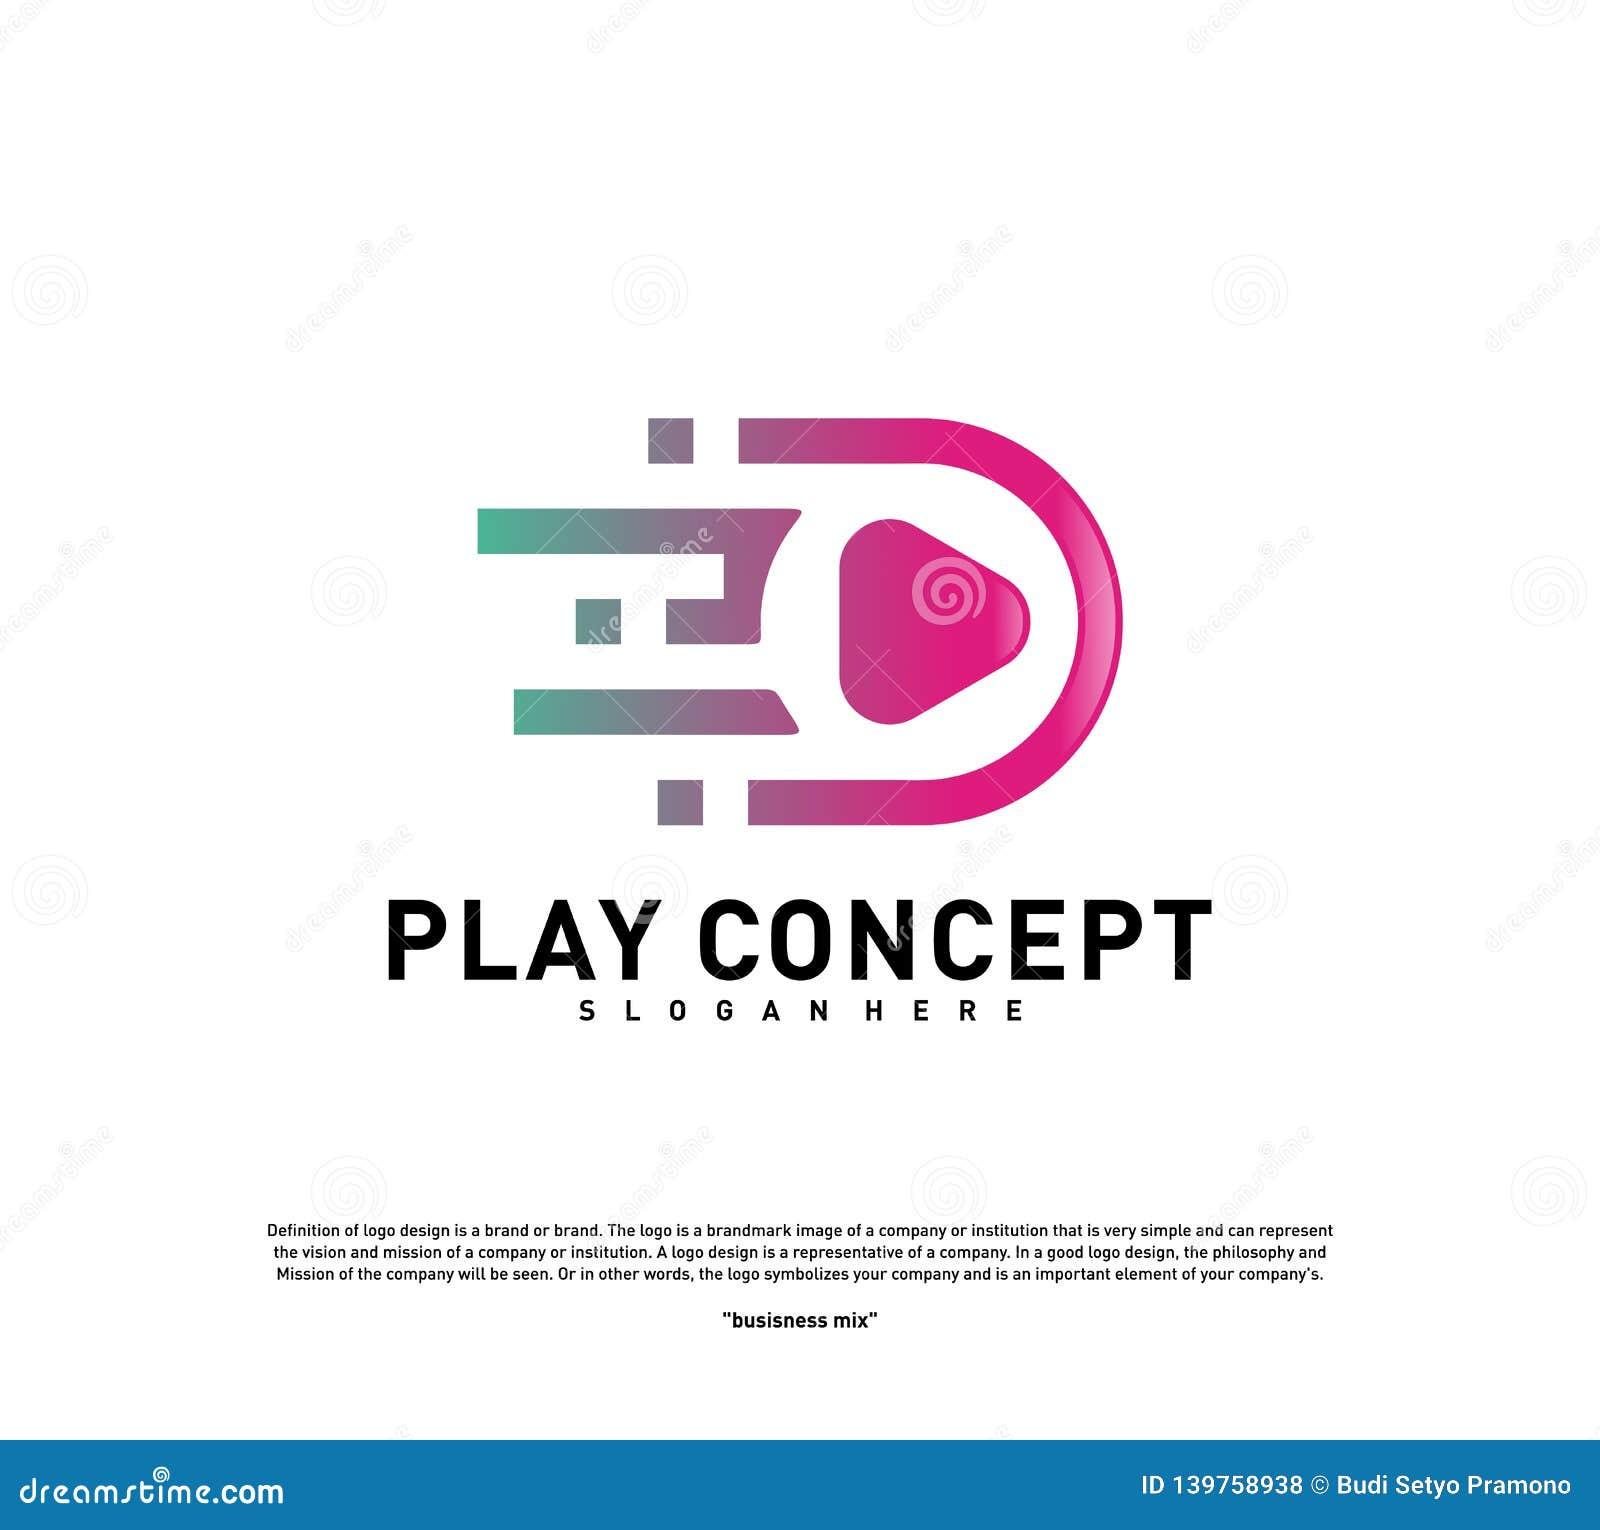 Fast Play logo design concept. Play tech logo template vector. Icon Symbol royalty free stock photos